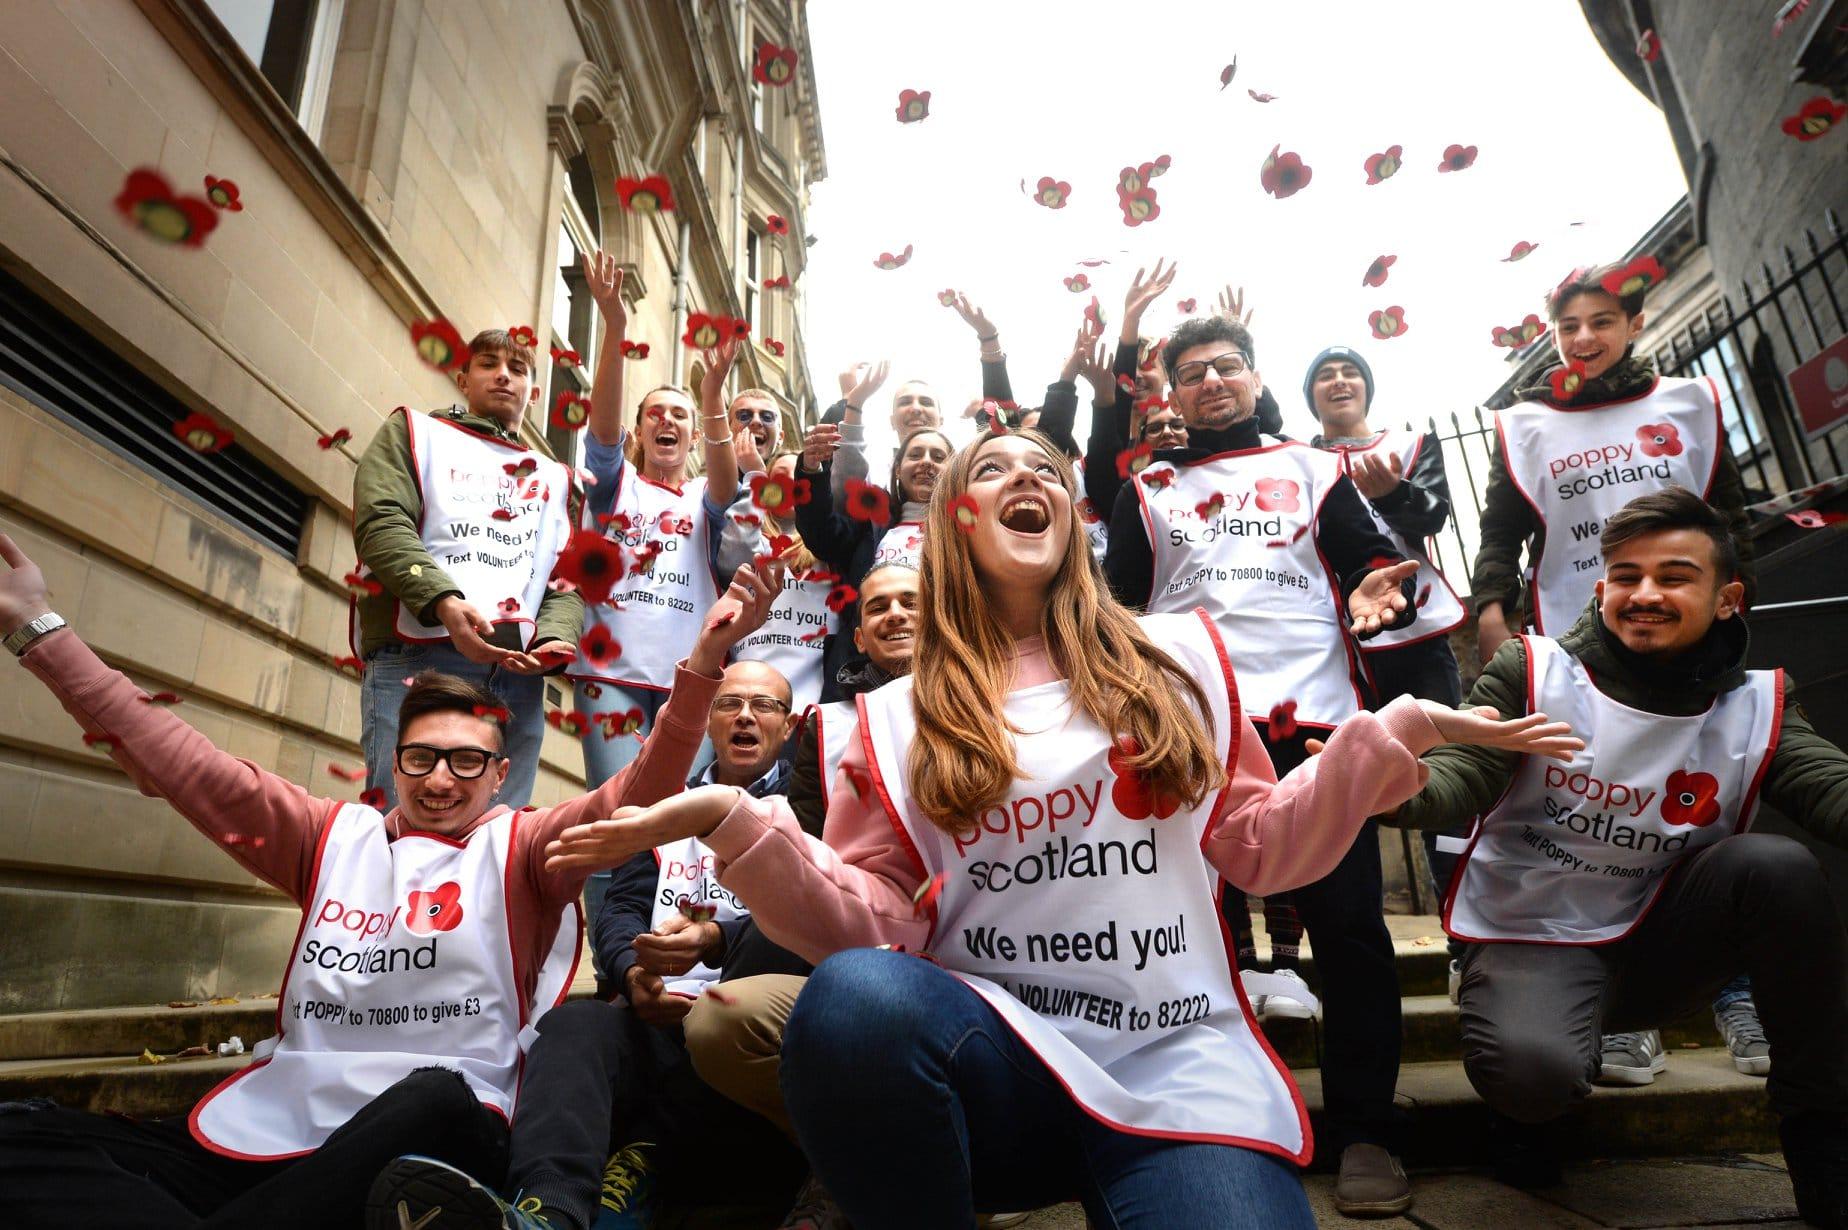 Poppy Support Scotland